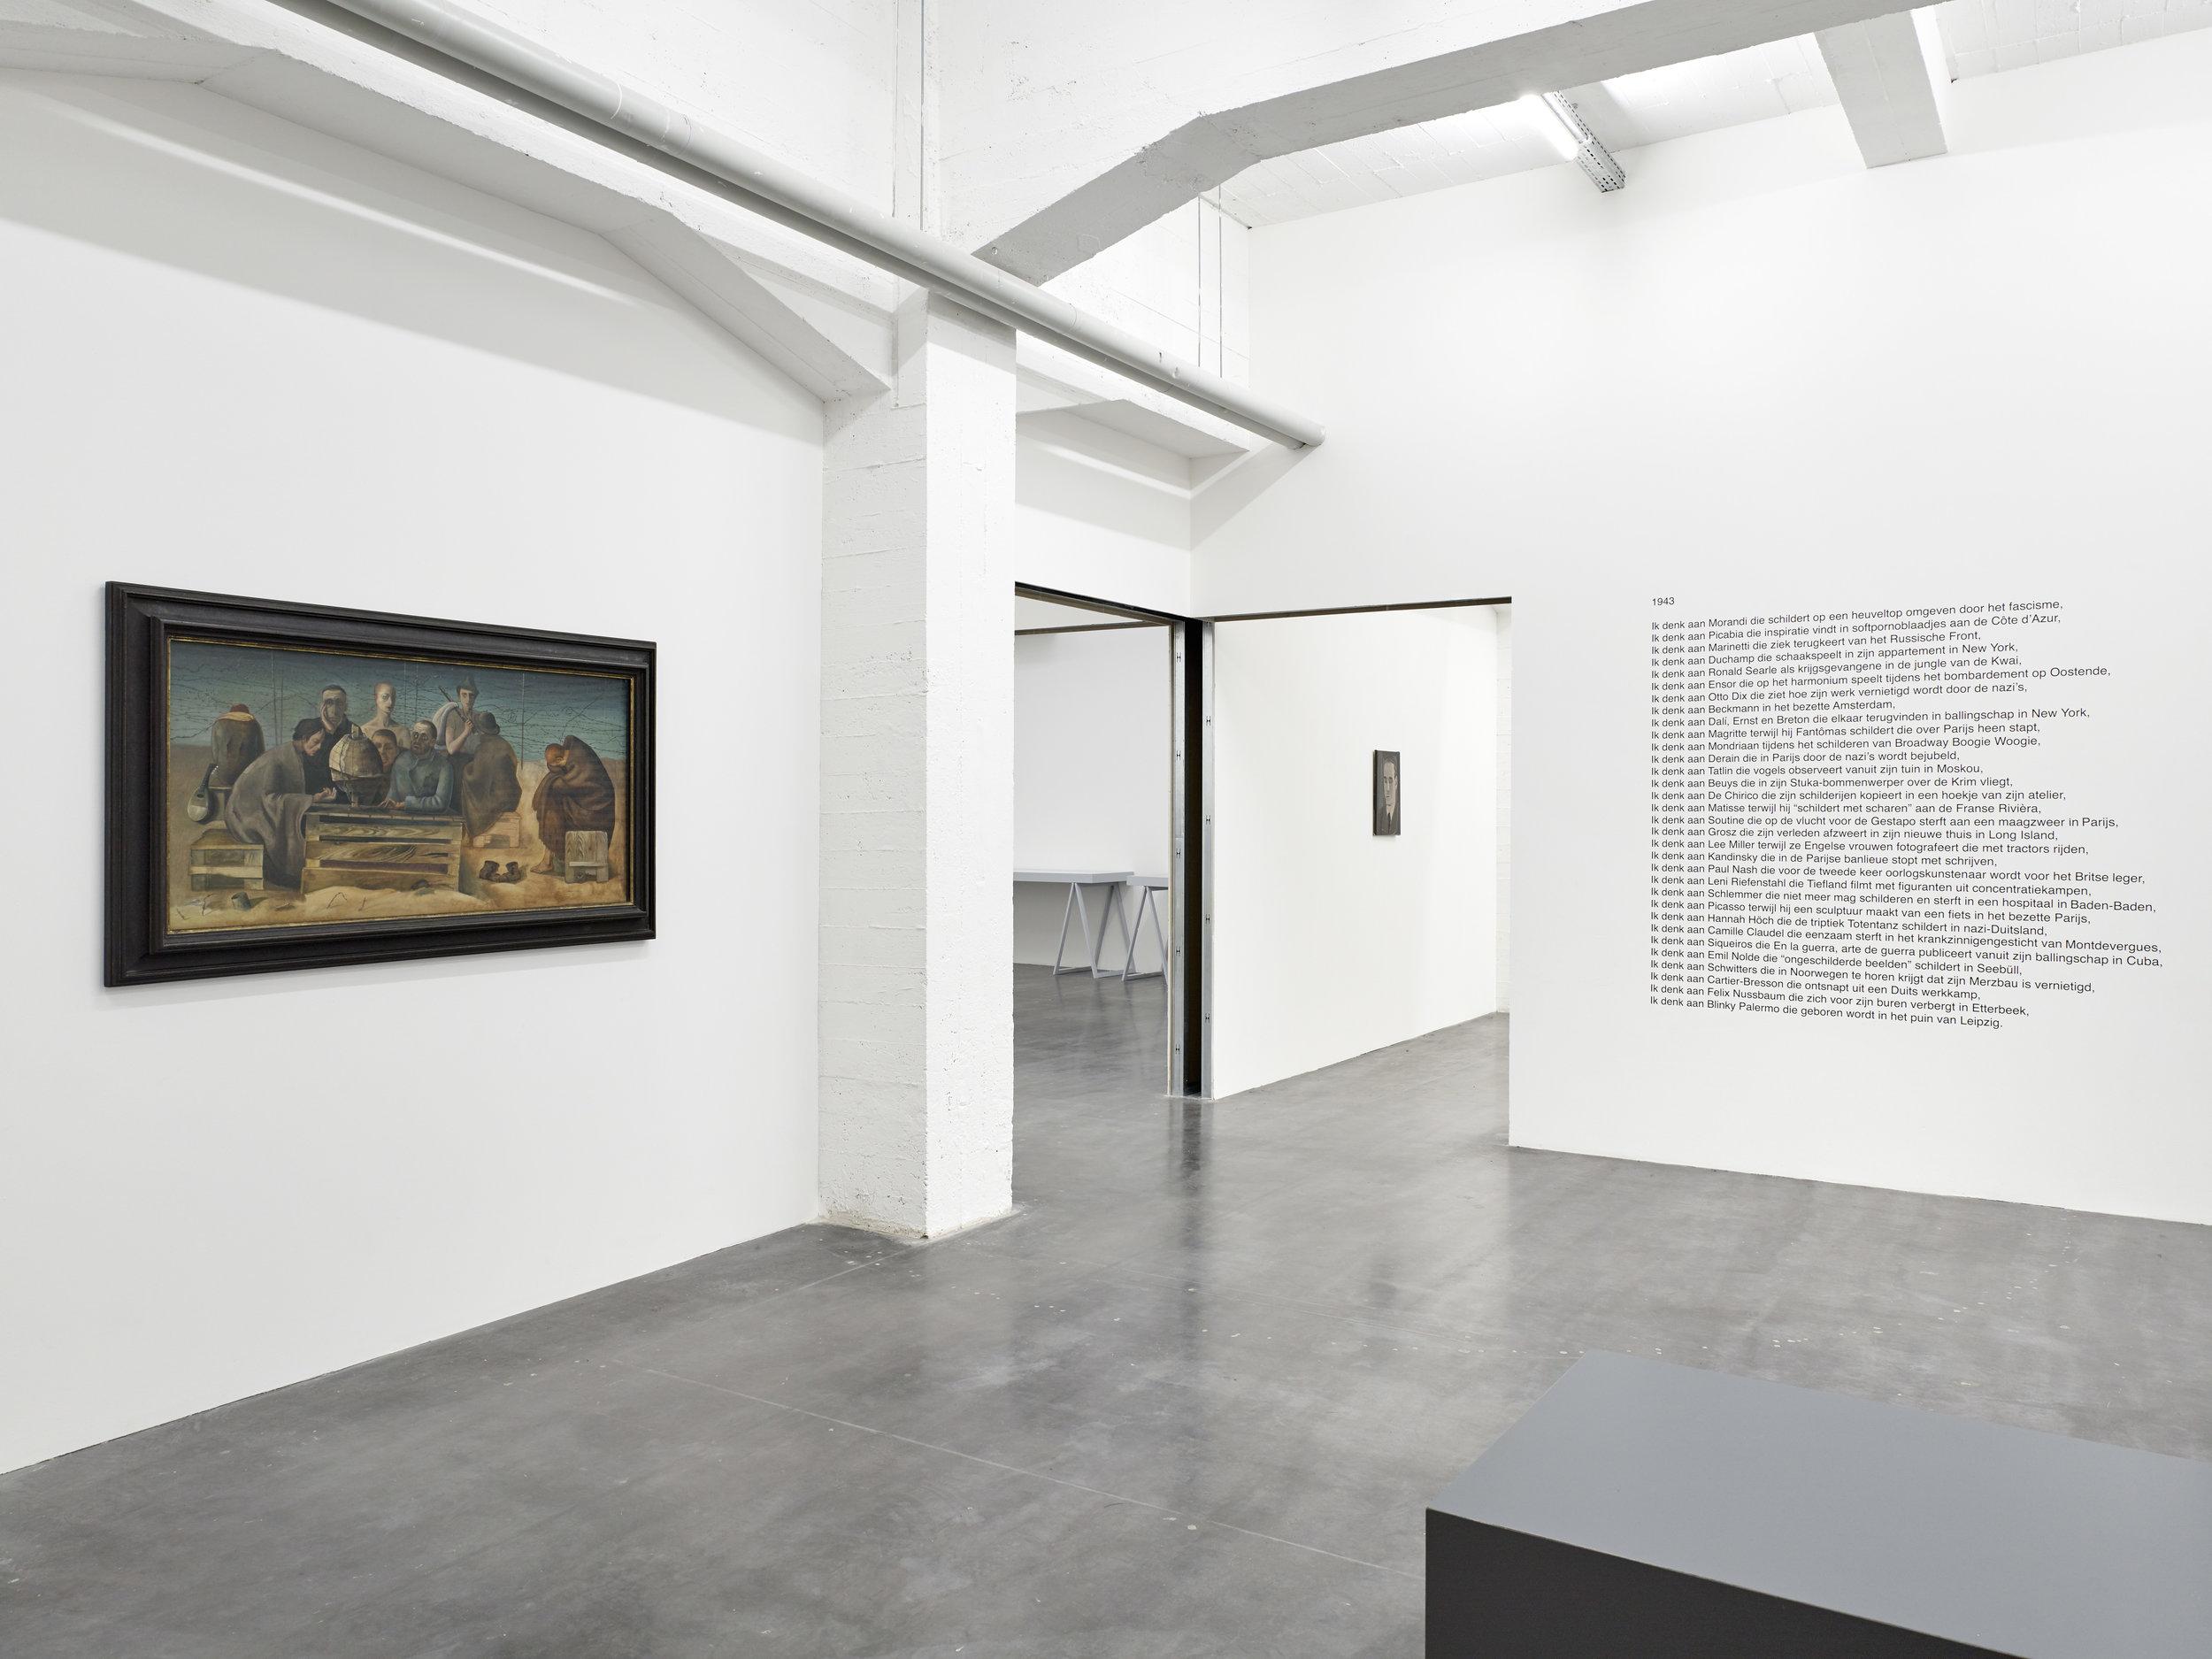 Felix Nussbaum,  St. Cyprien (Gefangene in Saint-Cyprien) , 1942, Francis Alys,  1943 , 2017 et Luc Tuymans,  Secrets , 1990.  Le Musée Absent , WIELS, vue d'exposition. © Kristien Daem